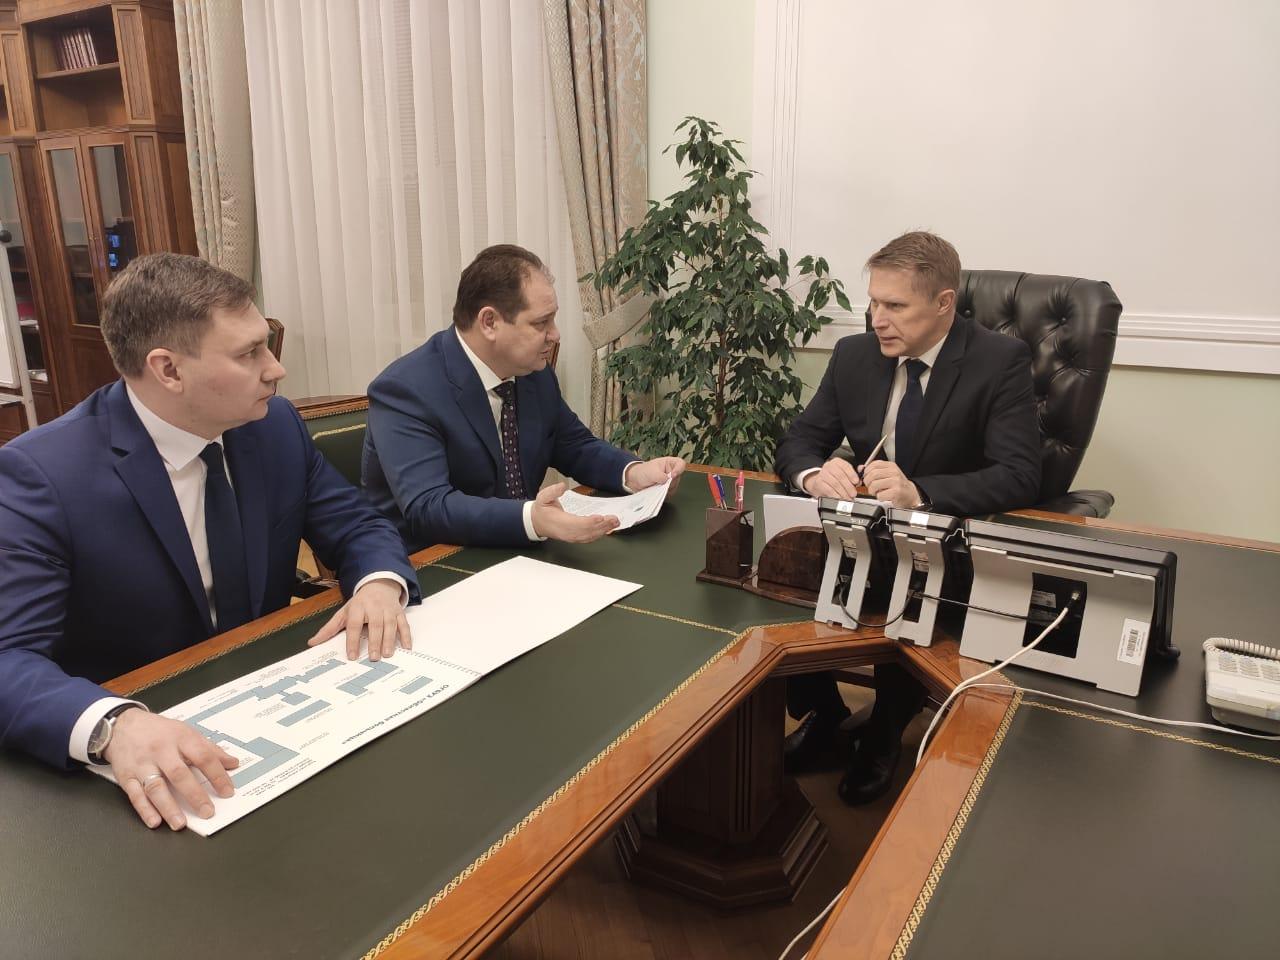 Ростислав Гольдштейн: новый корпус областной больницы будет построен в ЕАО